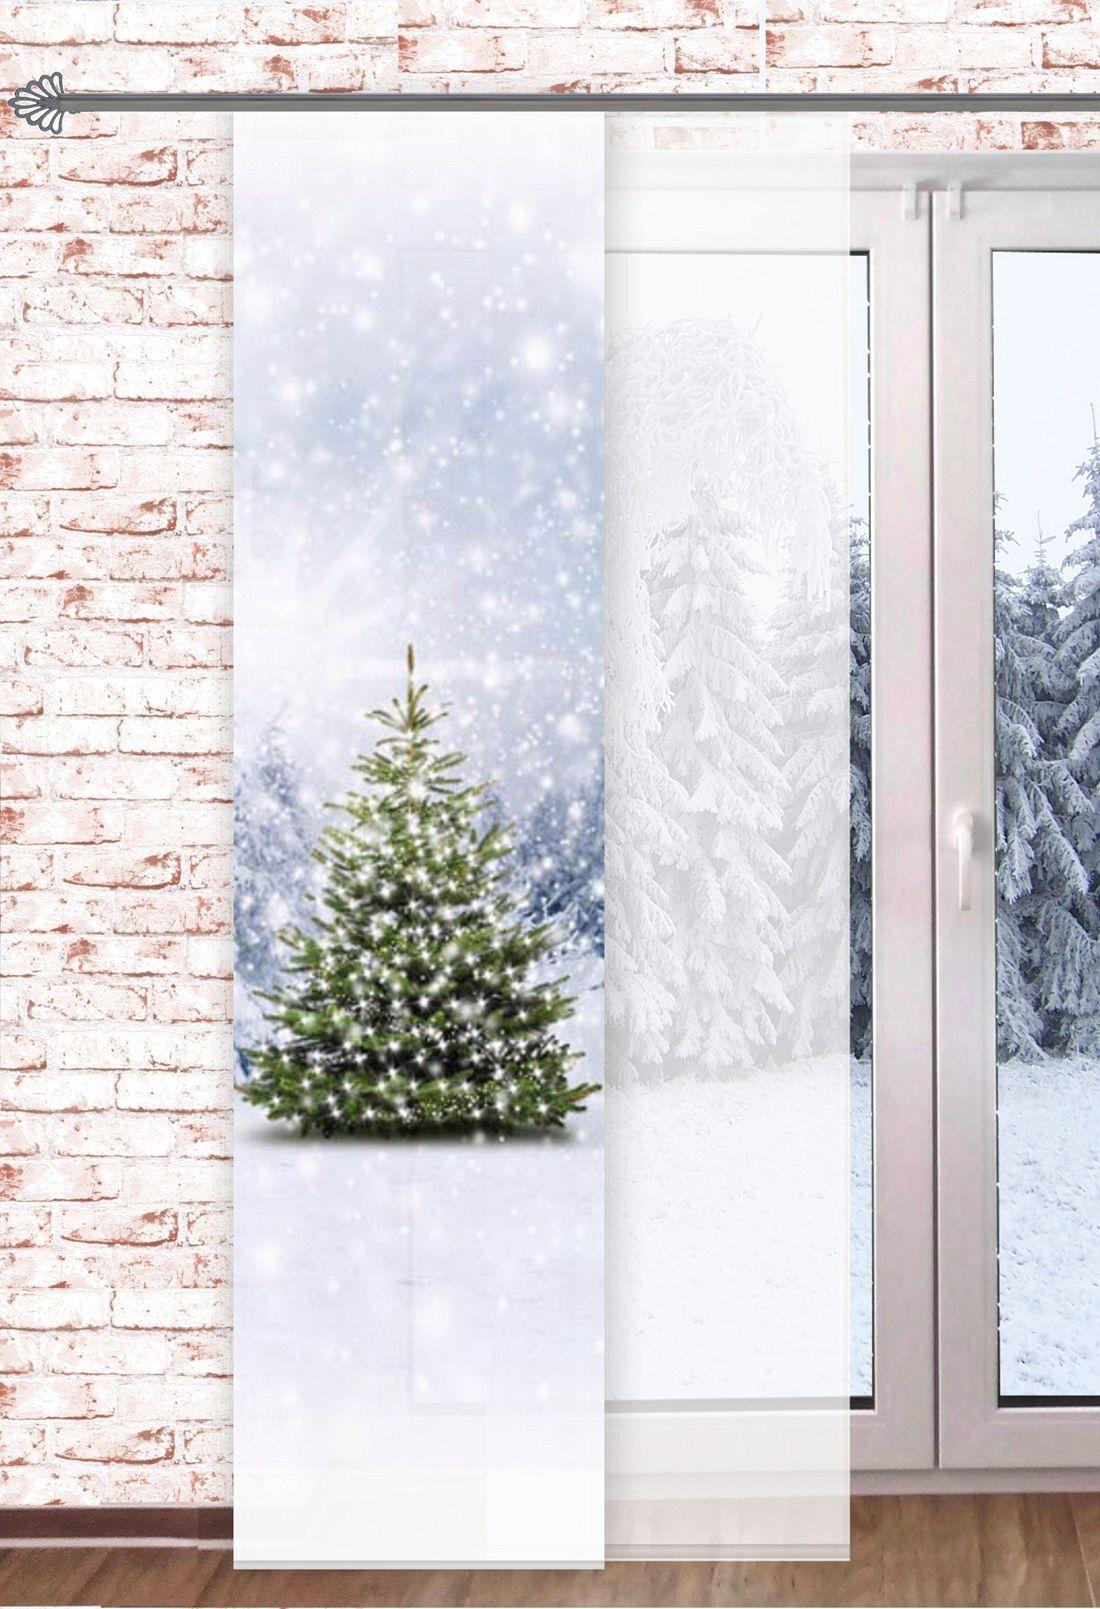 fl chenvorhang tannenbaum 60x245cm digitaldruck weihnachtsvorhang raumteiler schaufensterdeko. Black Bedroom Furniture Sets. Home Design Ideas